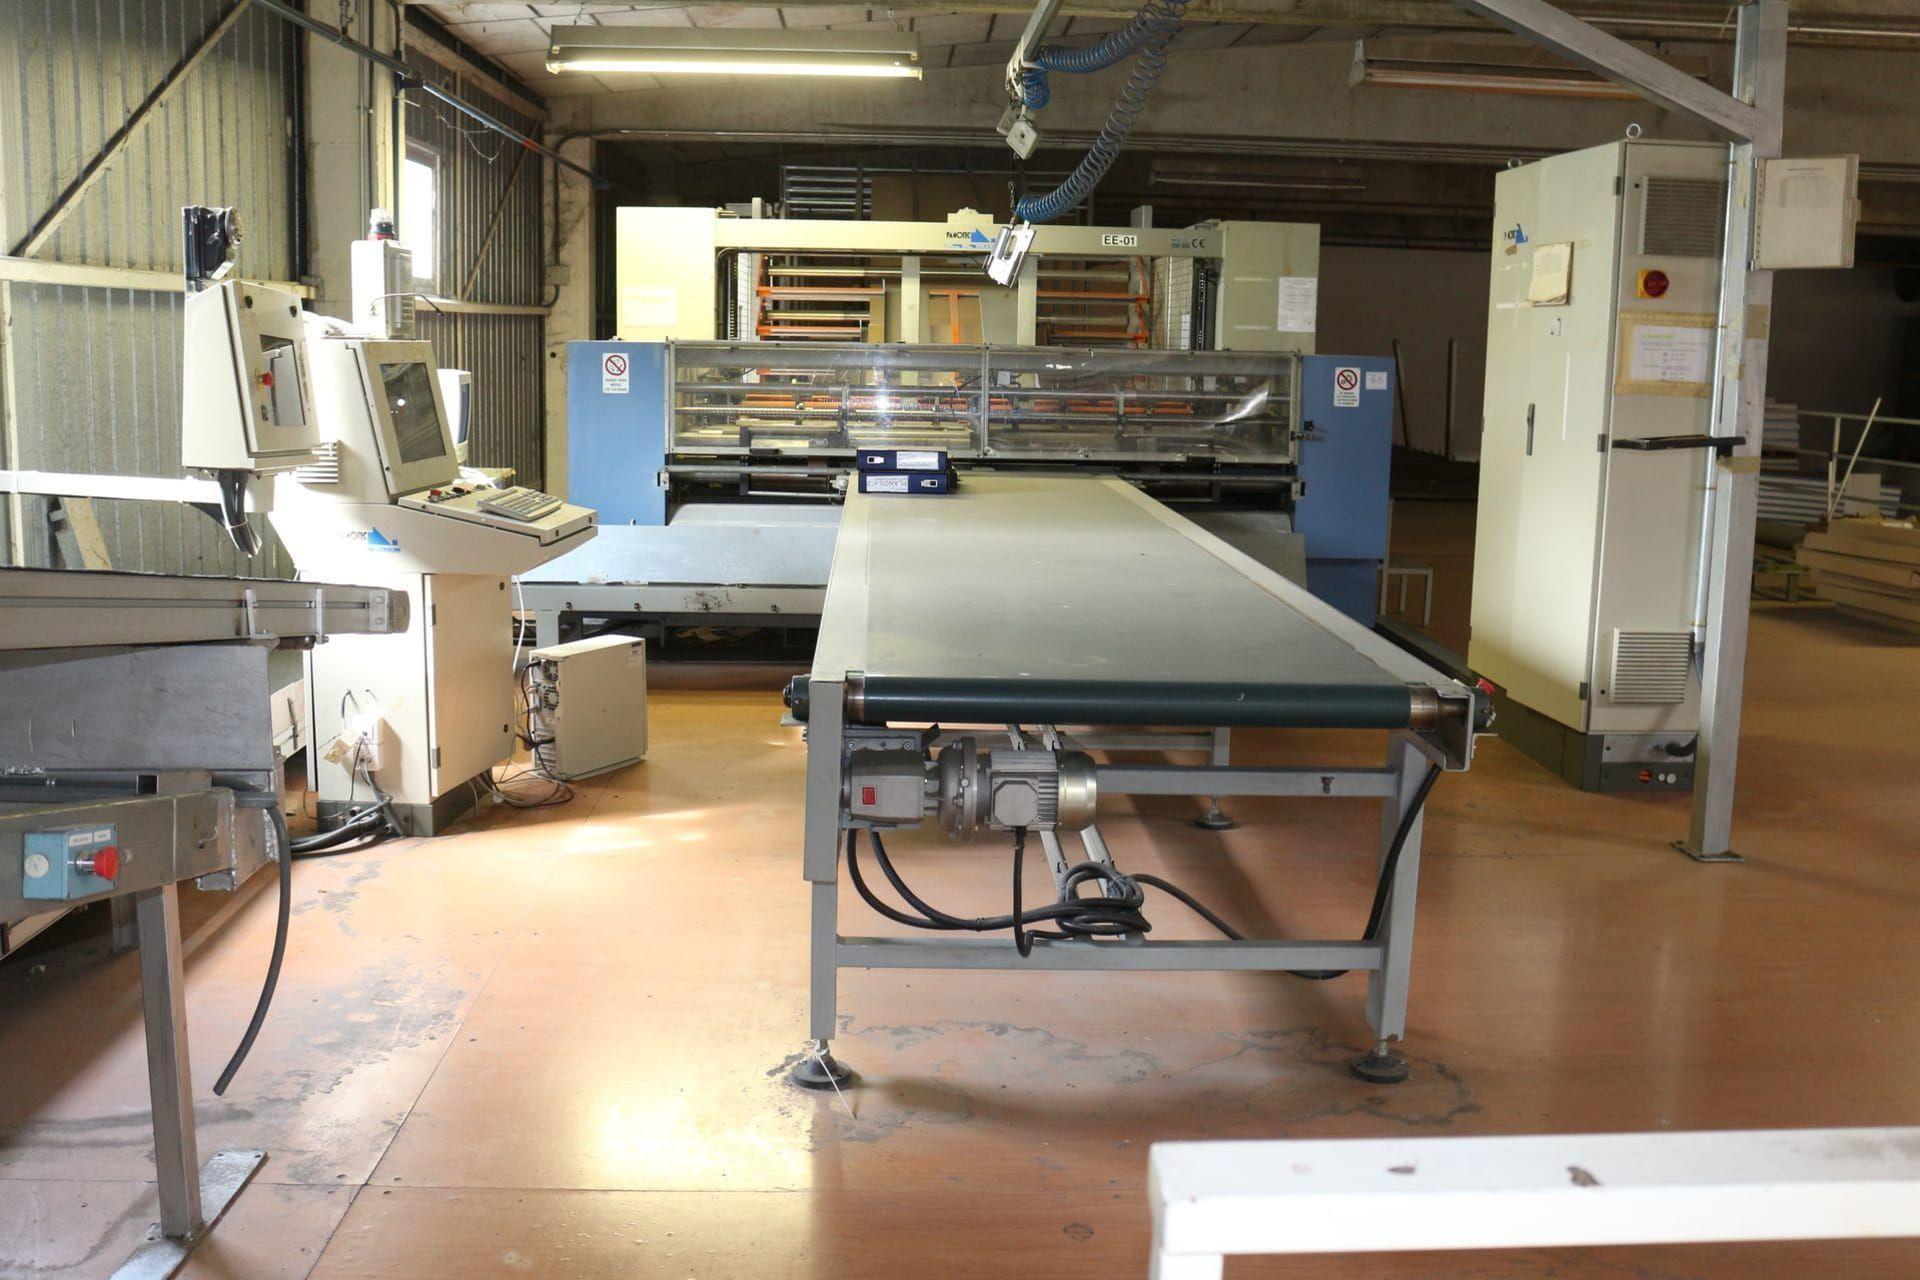 PANOTEC CR 8 AS 5 CL Kartonherstellungsmaschine